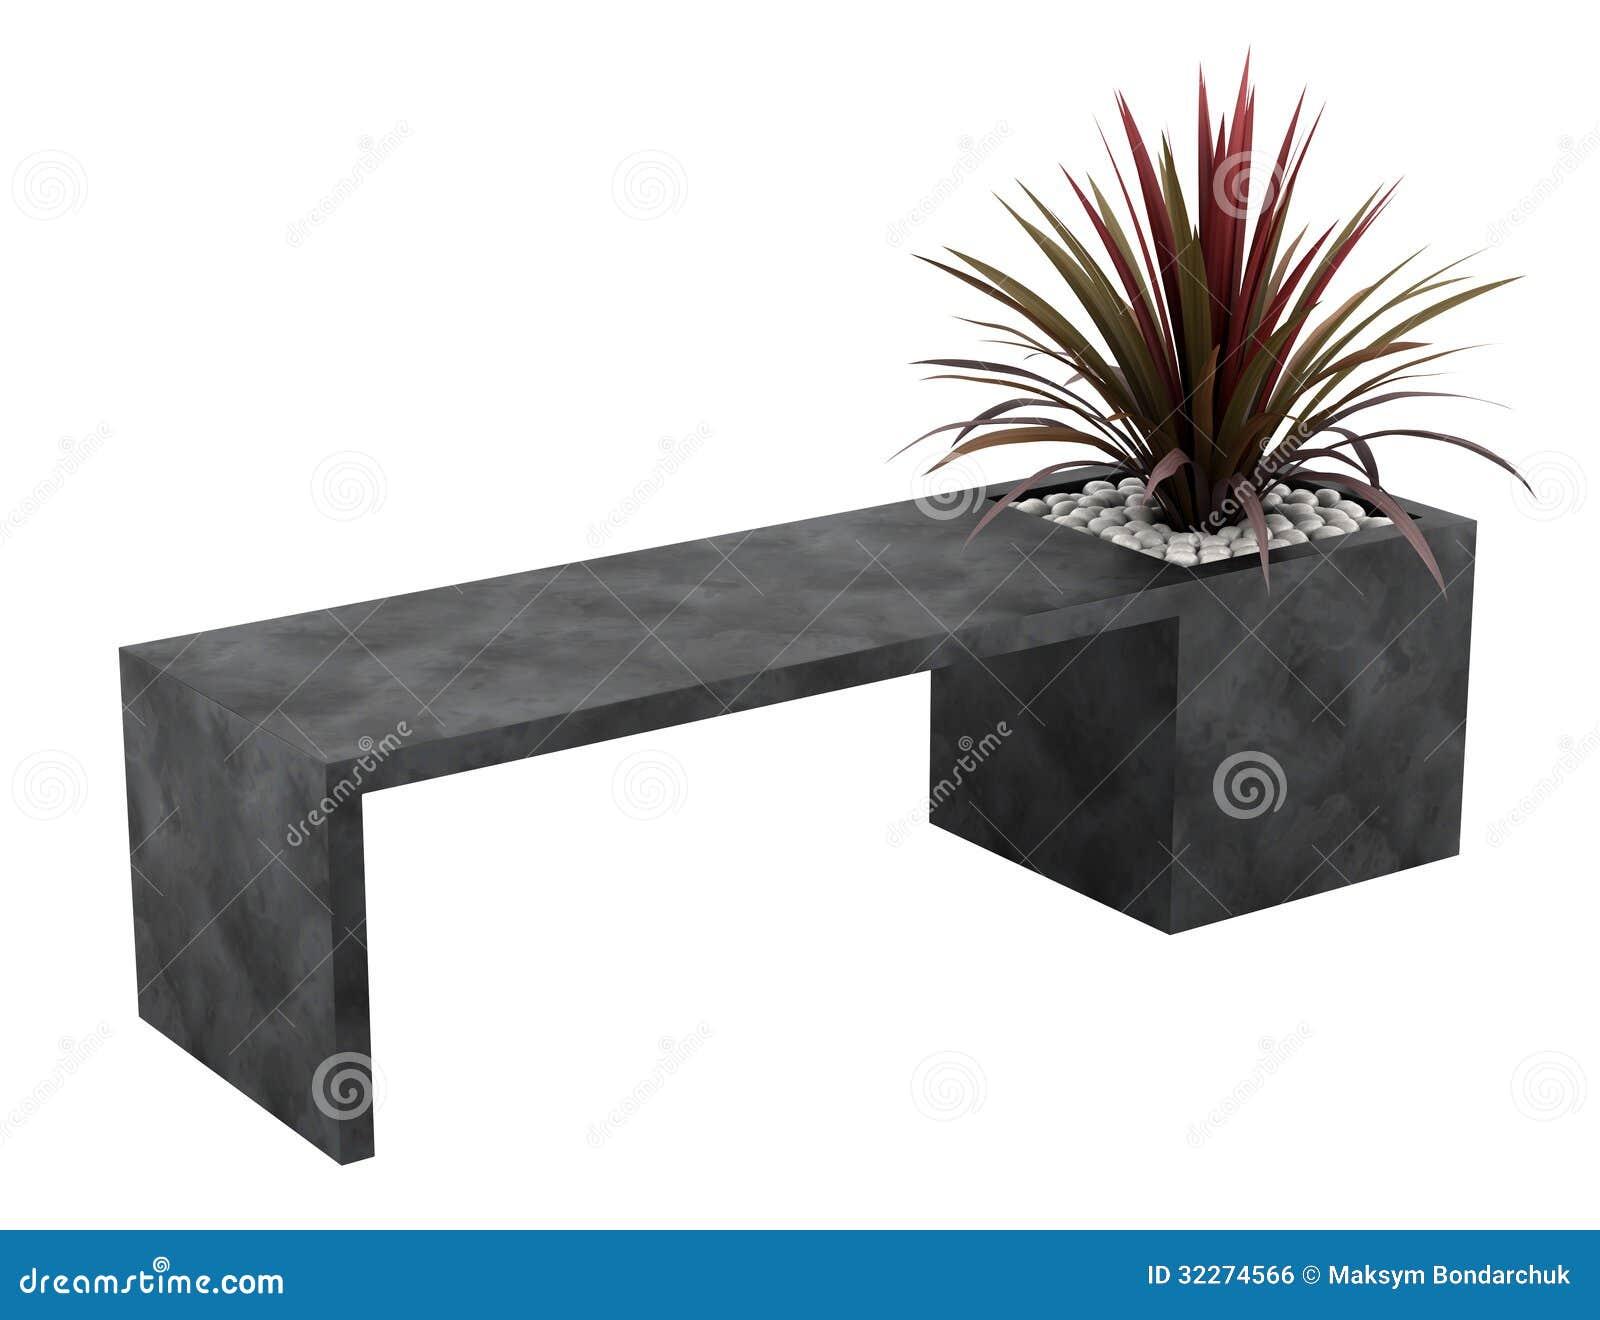 Banc avec le palmier dans le pot d 39 isolement sur le blanc for Palmier dans pot